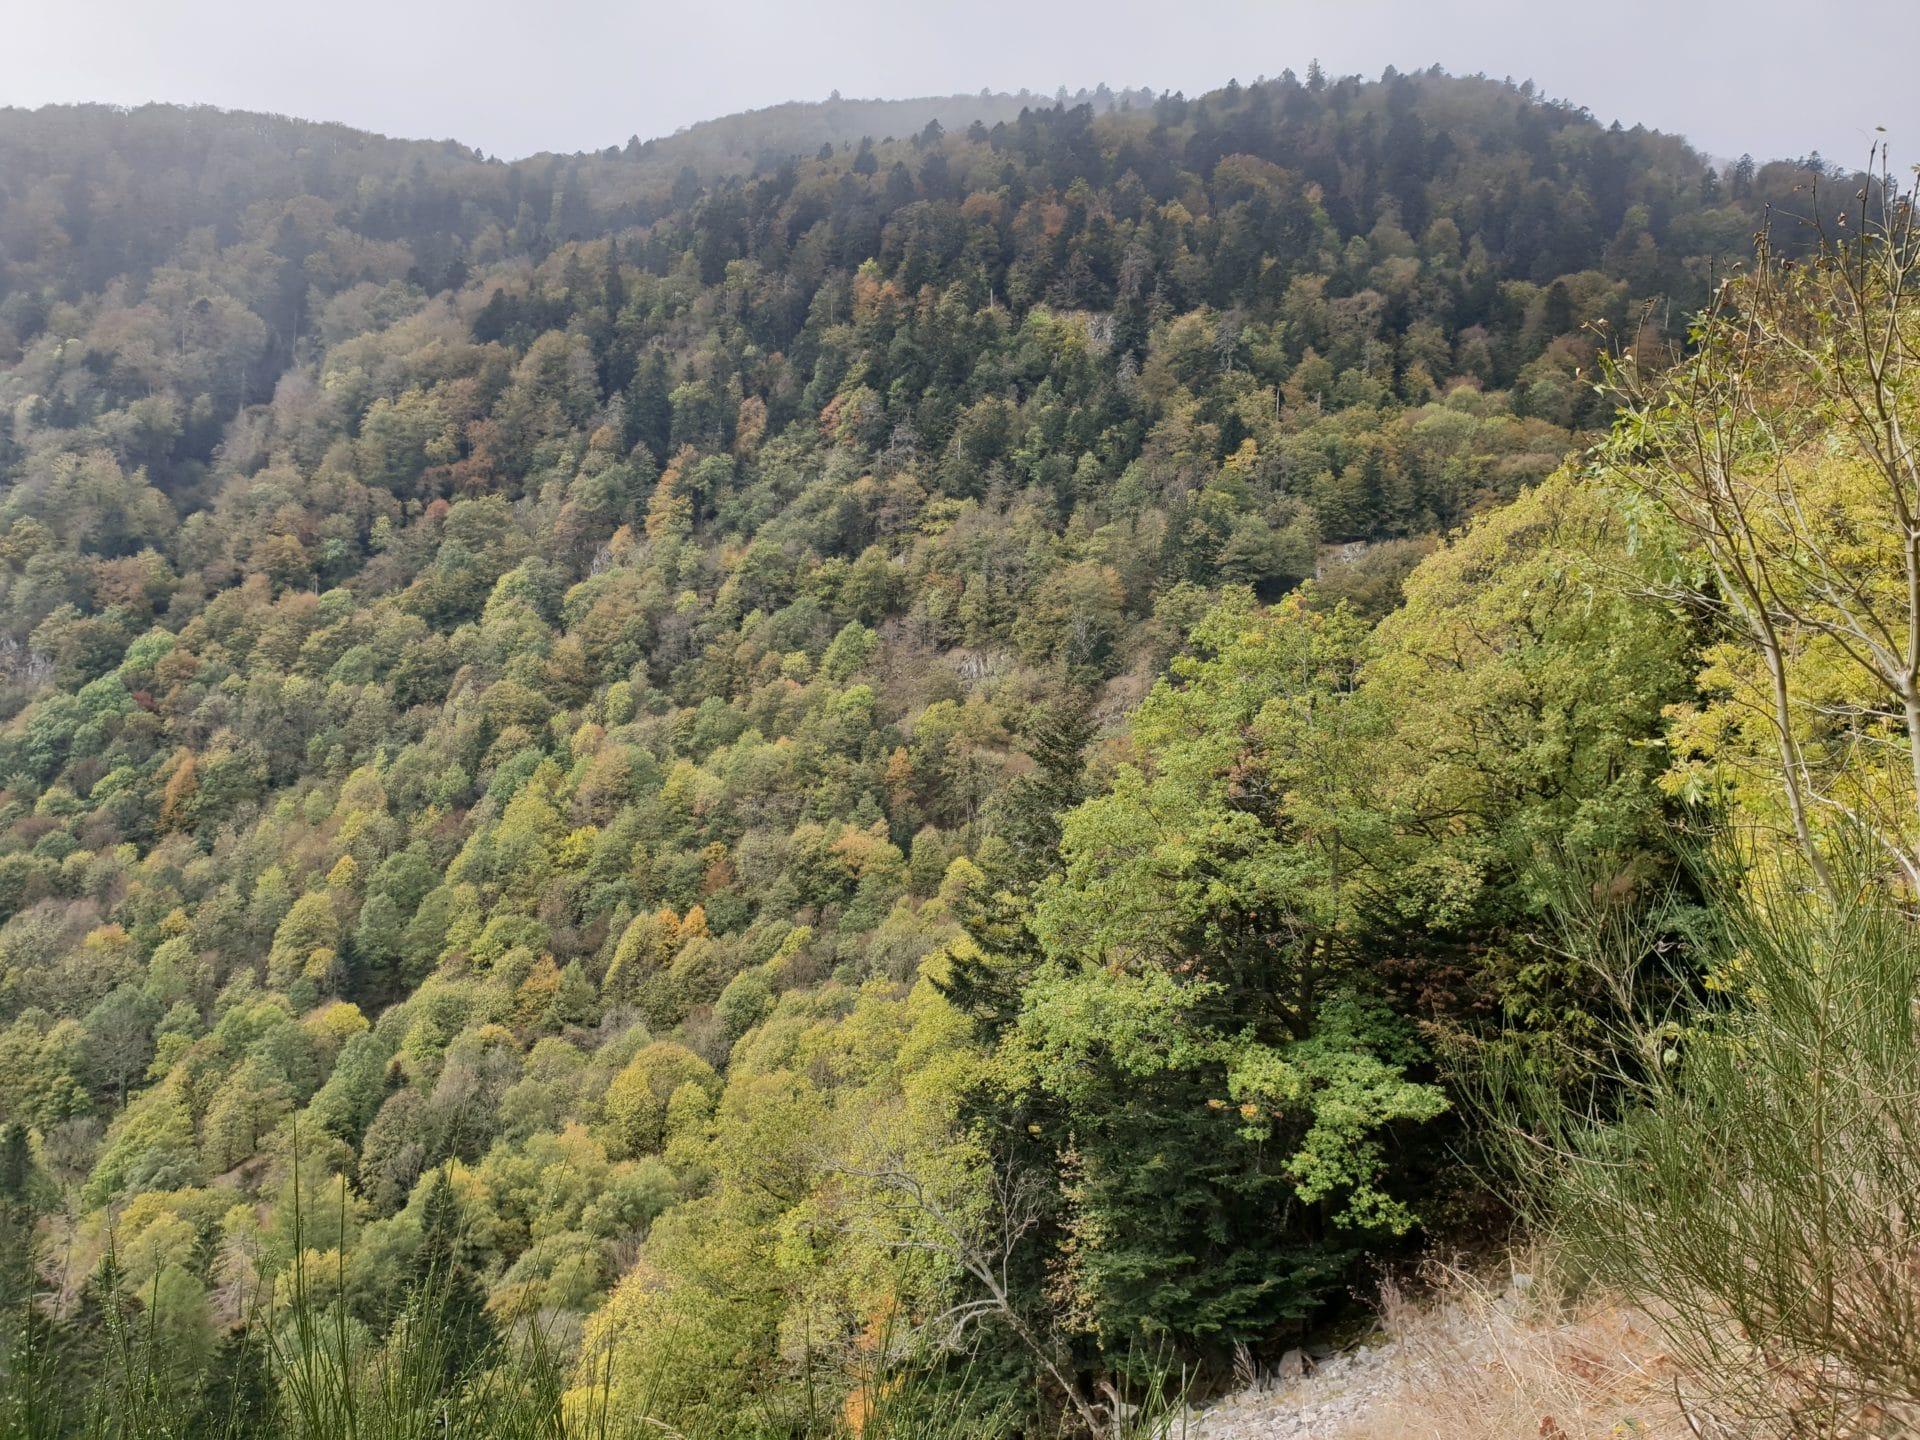 20181024 1428511 1920x1440 - Randonnée - Séjour Hôtel Deybach Munster et sa Vallée  par les couleurs d'automne